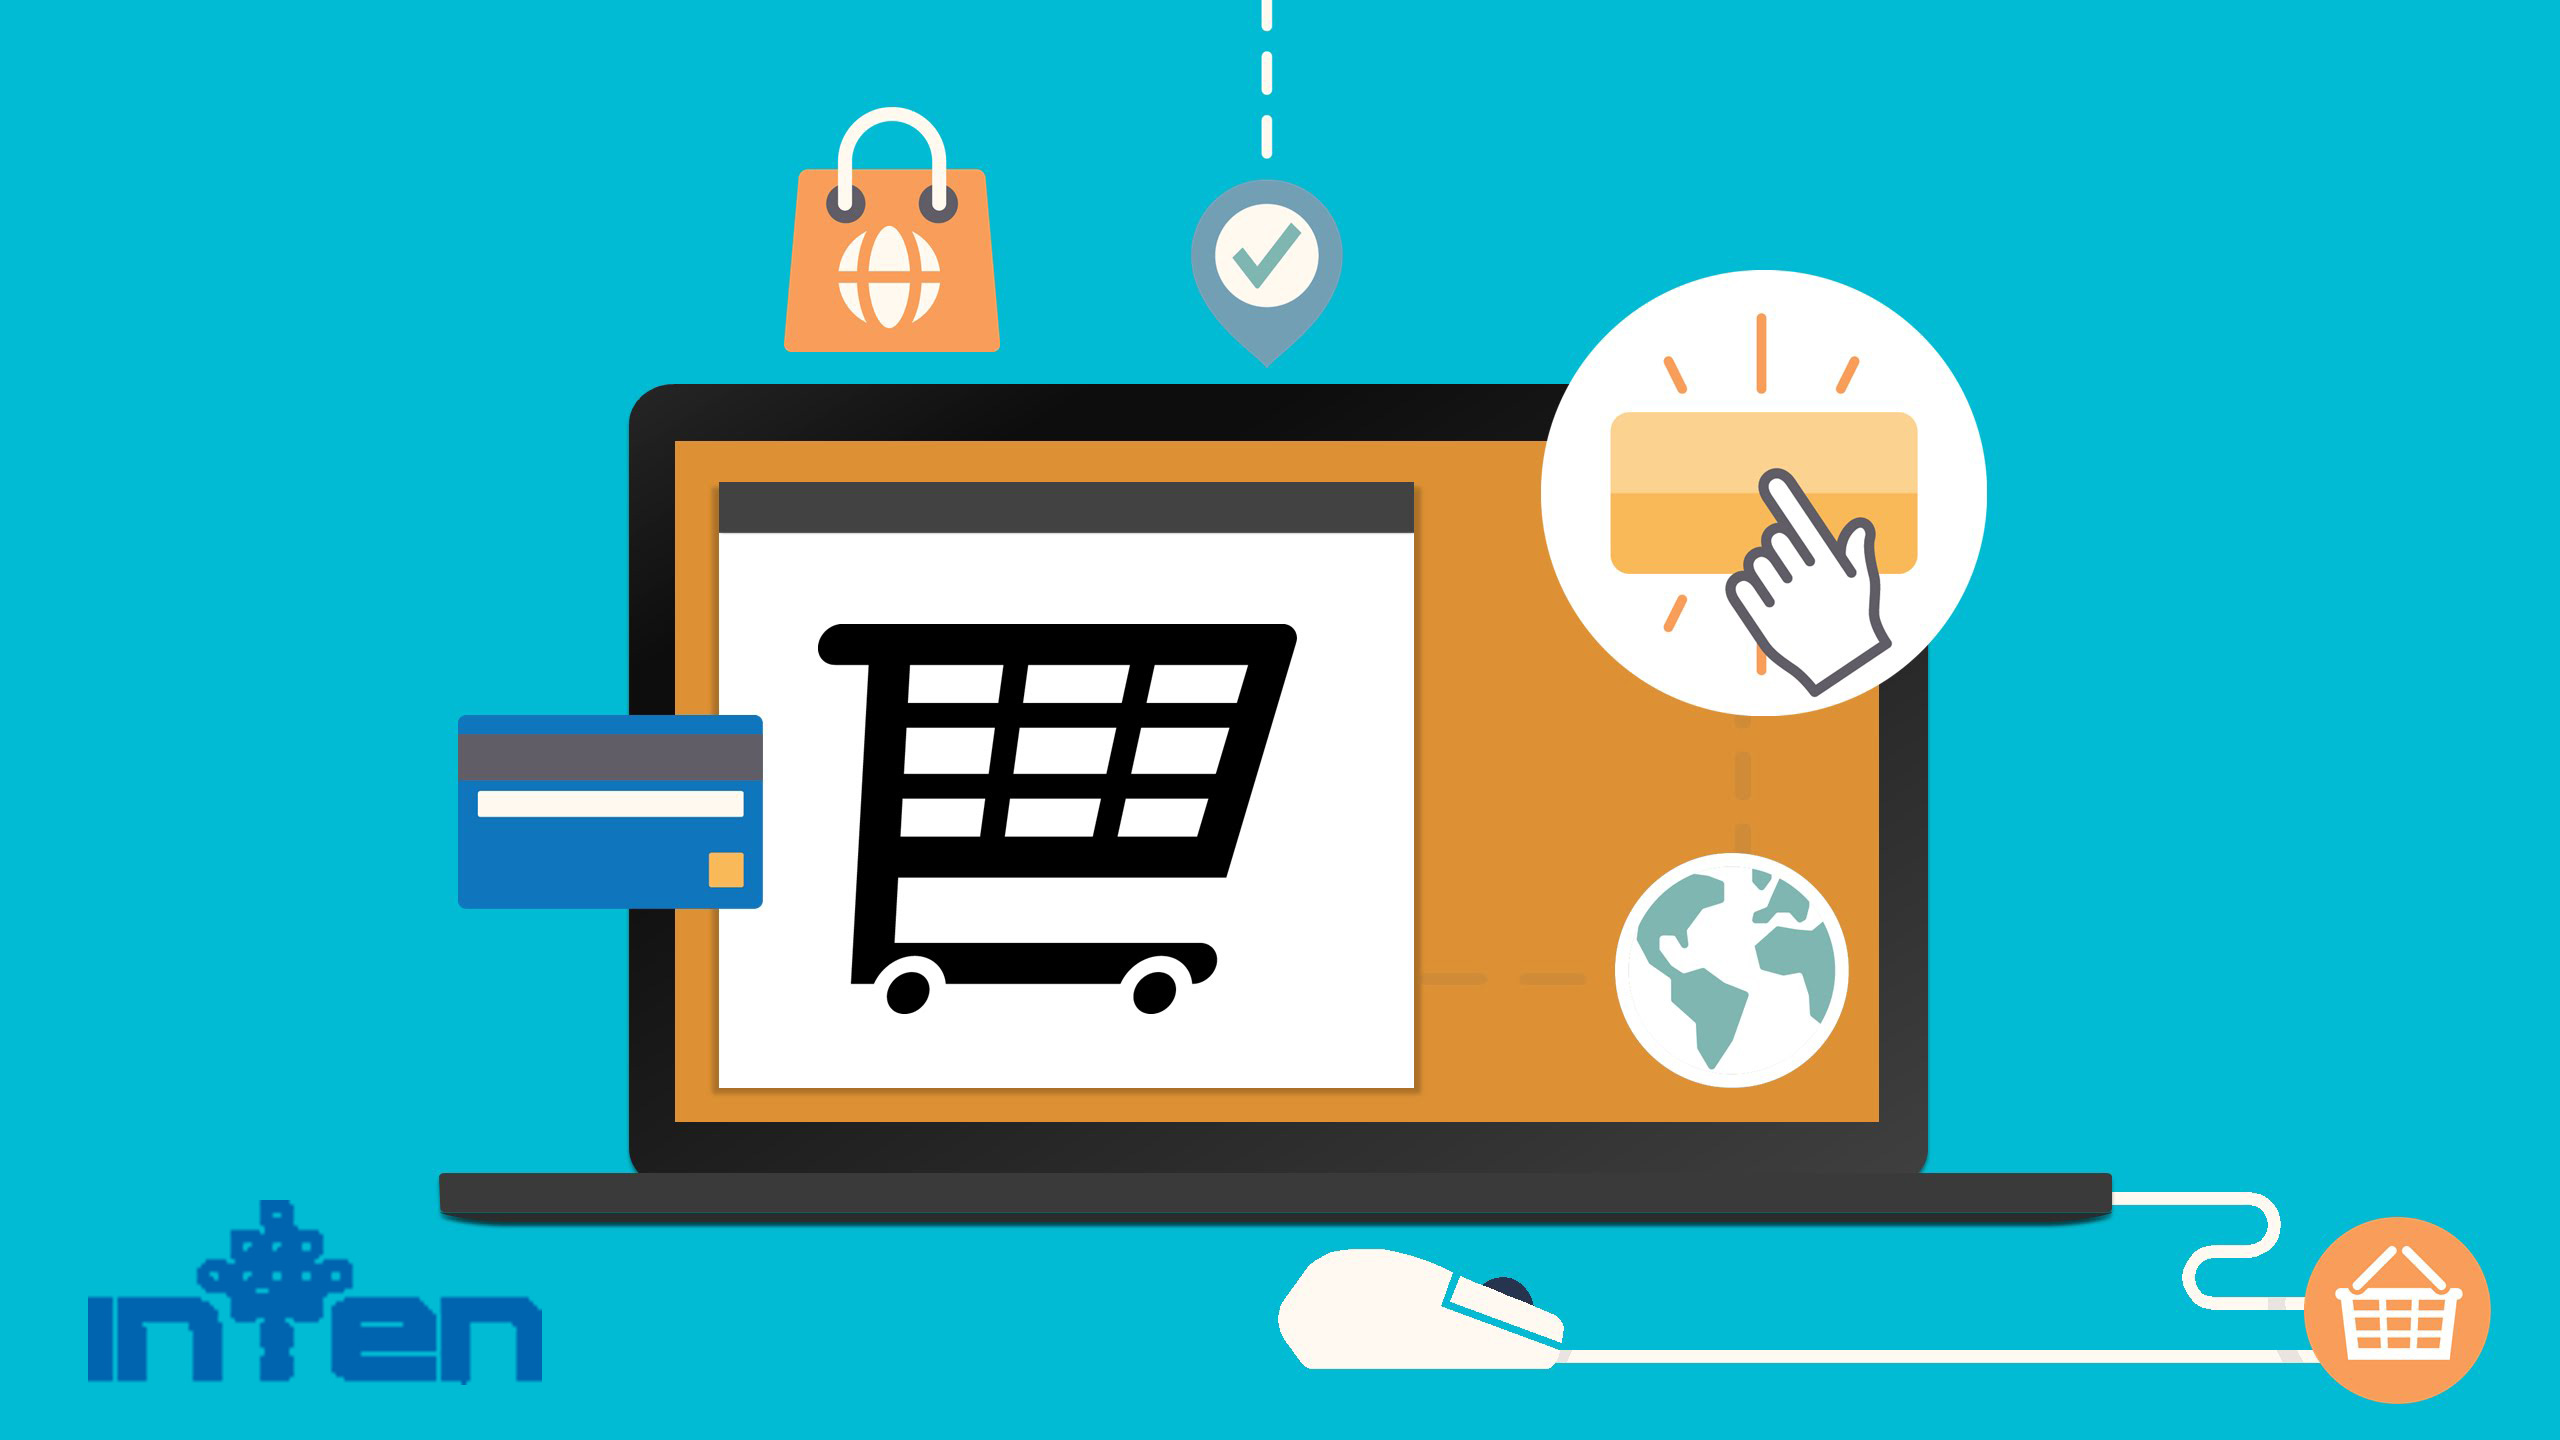 طراحی سایت-بهترین سازندگان وب سایت فروشگاهی 2019